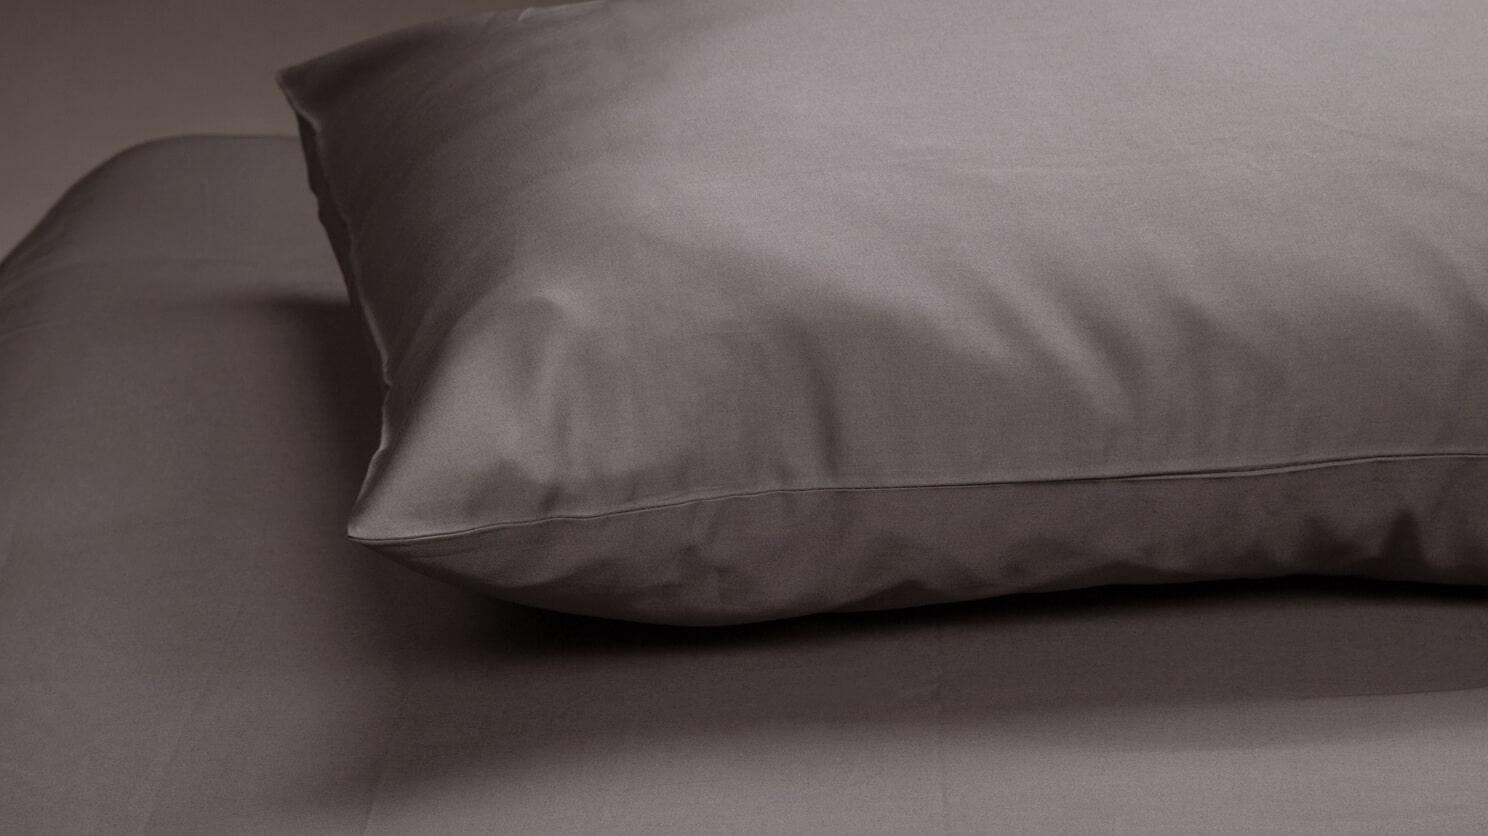 3170 460 6 1 sheetset cotton charcoal king